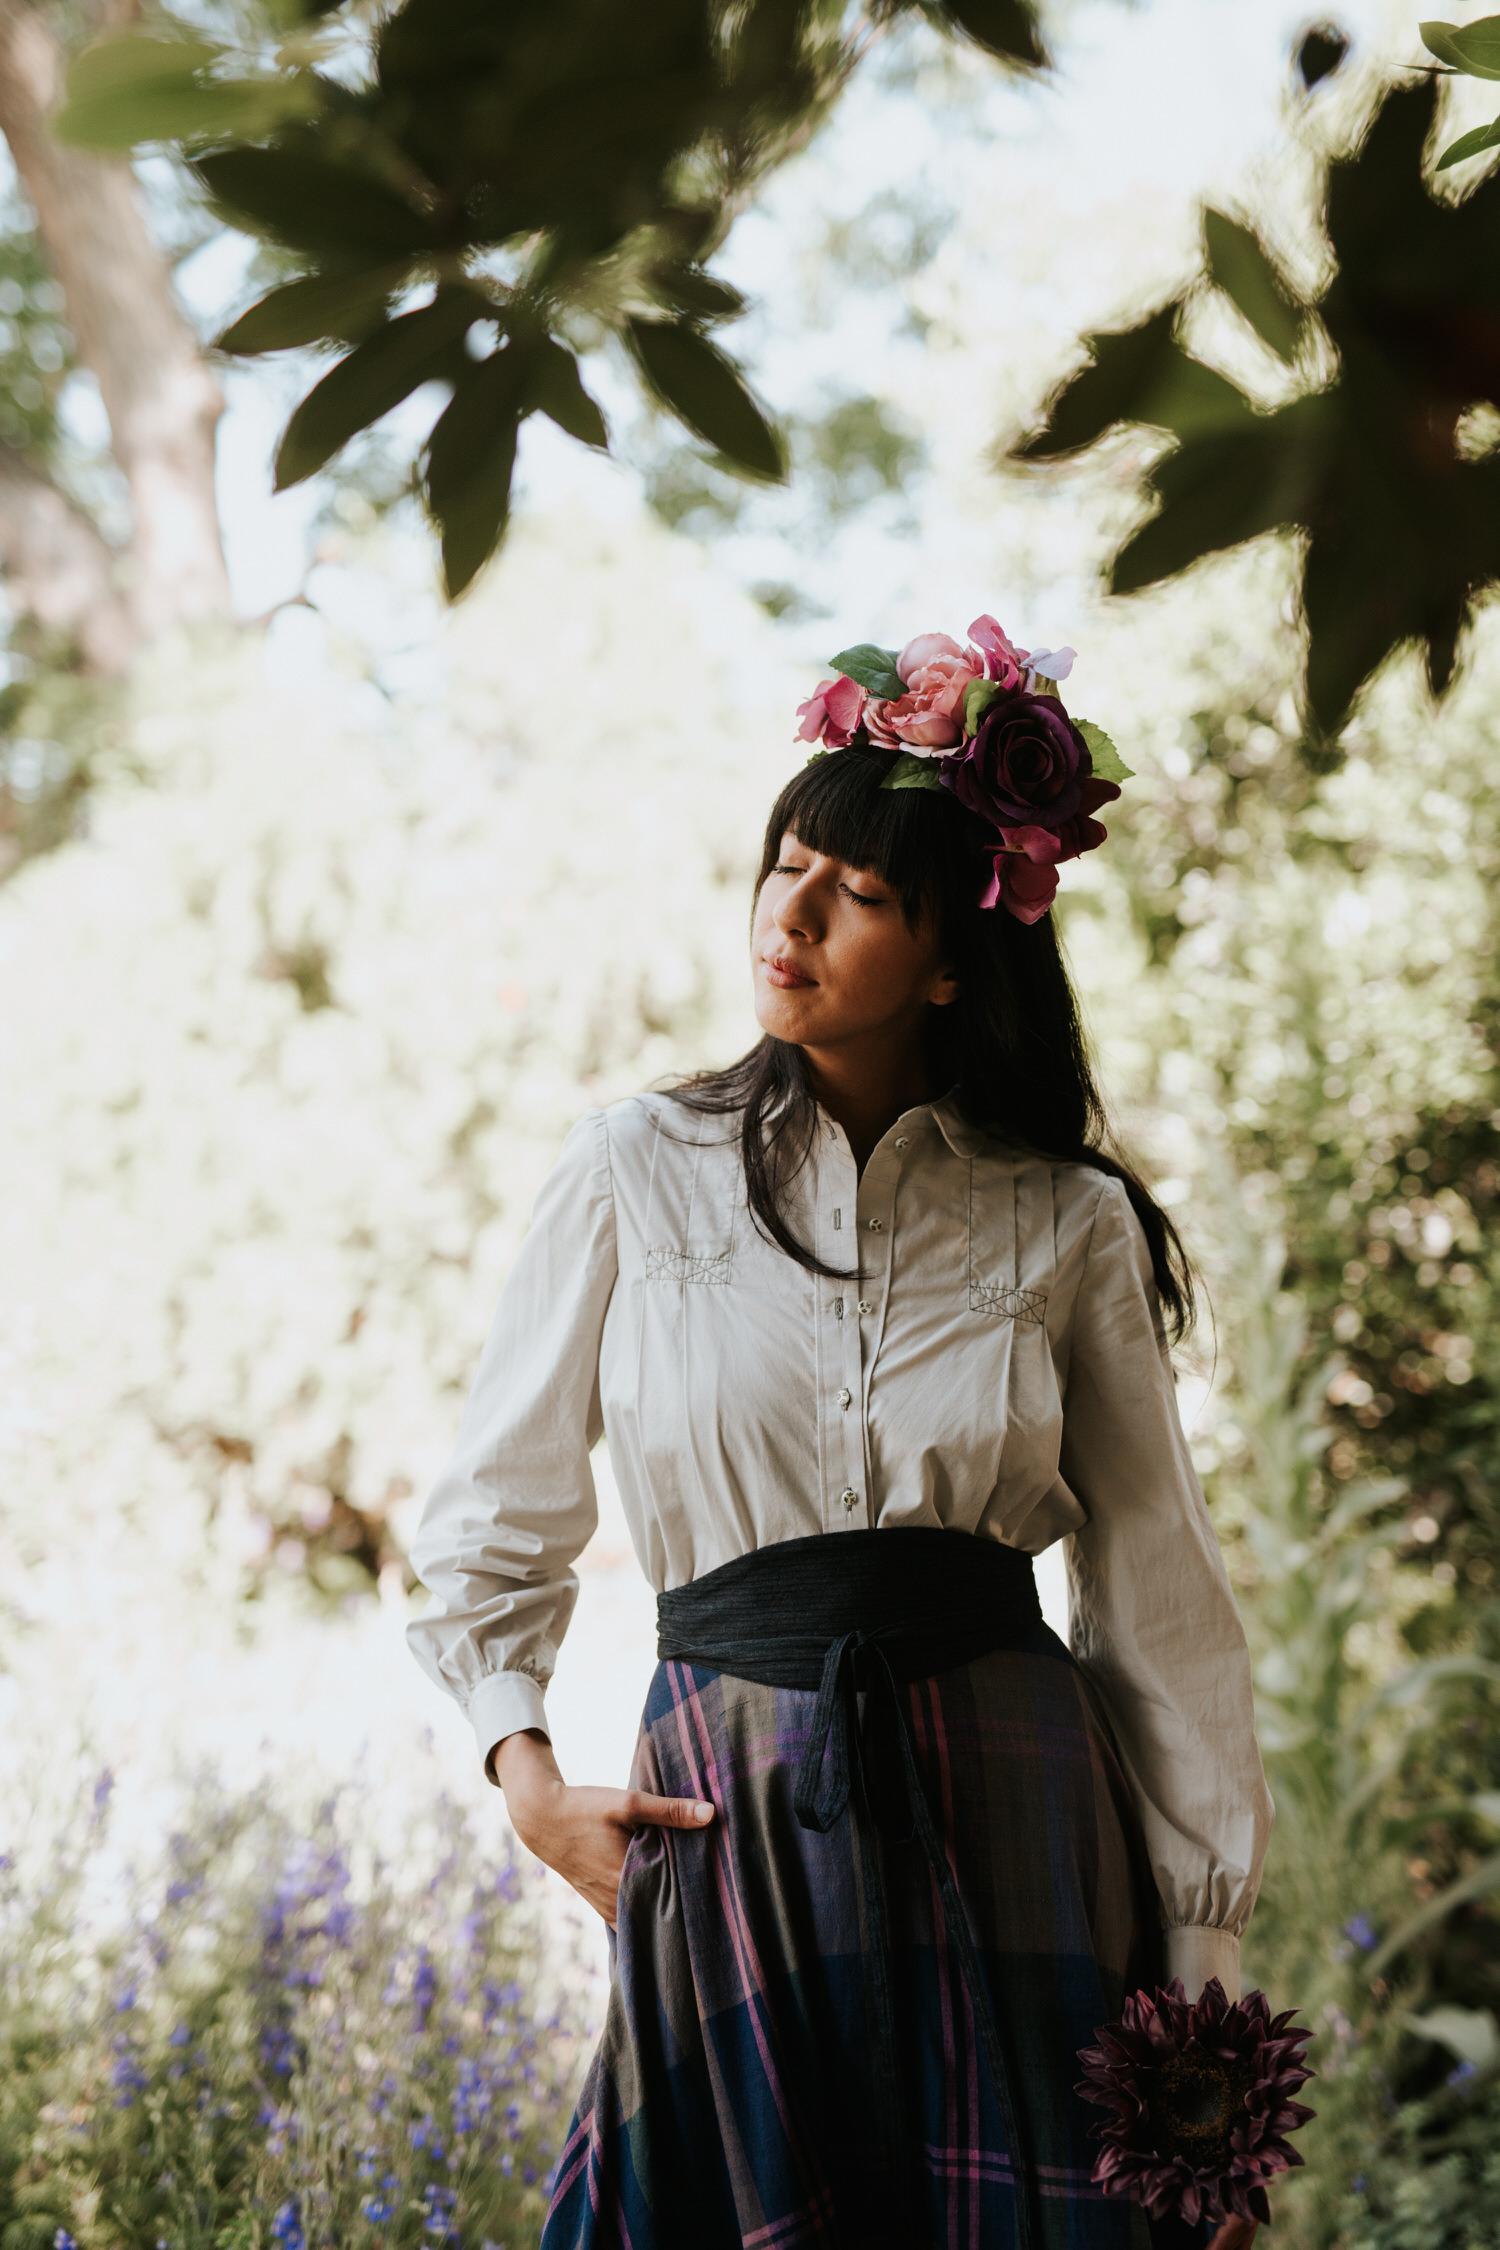 Woman in flower crown in field of cornflowers